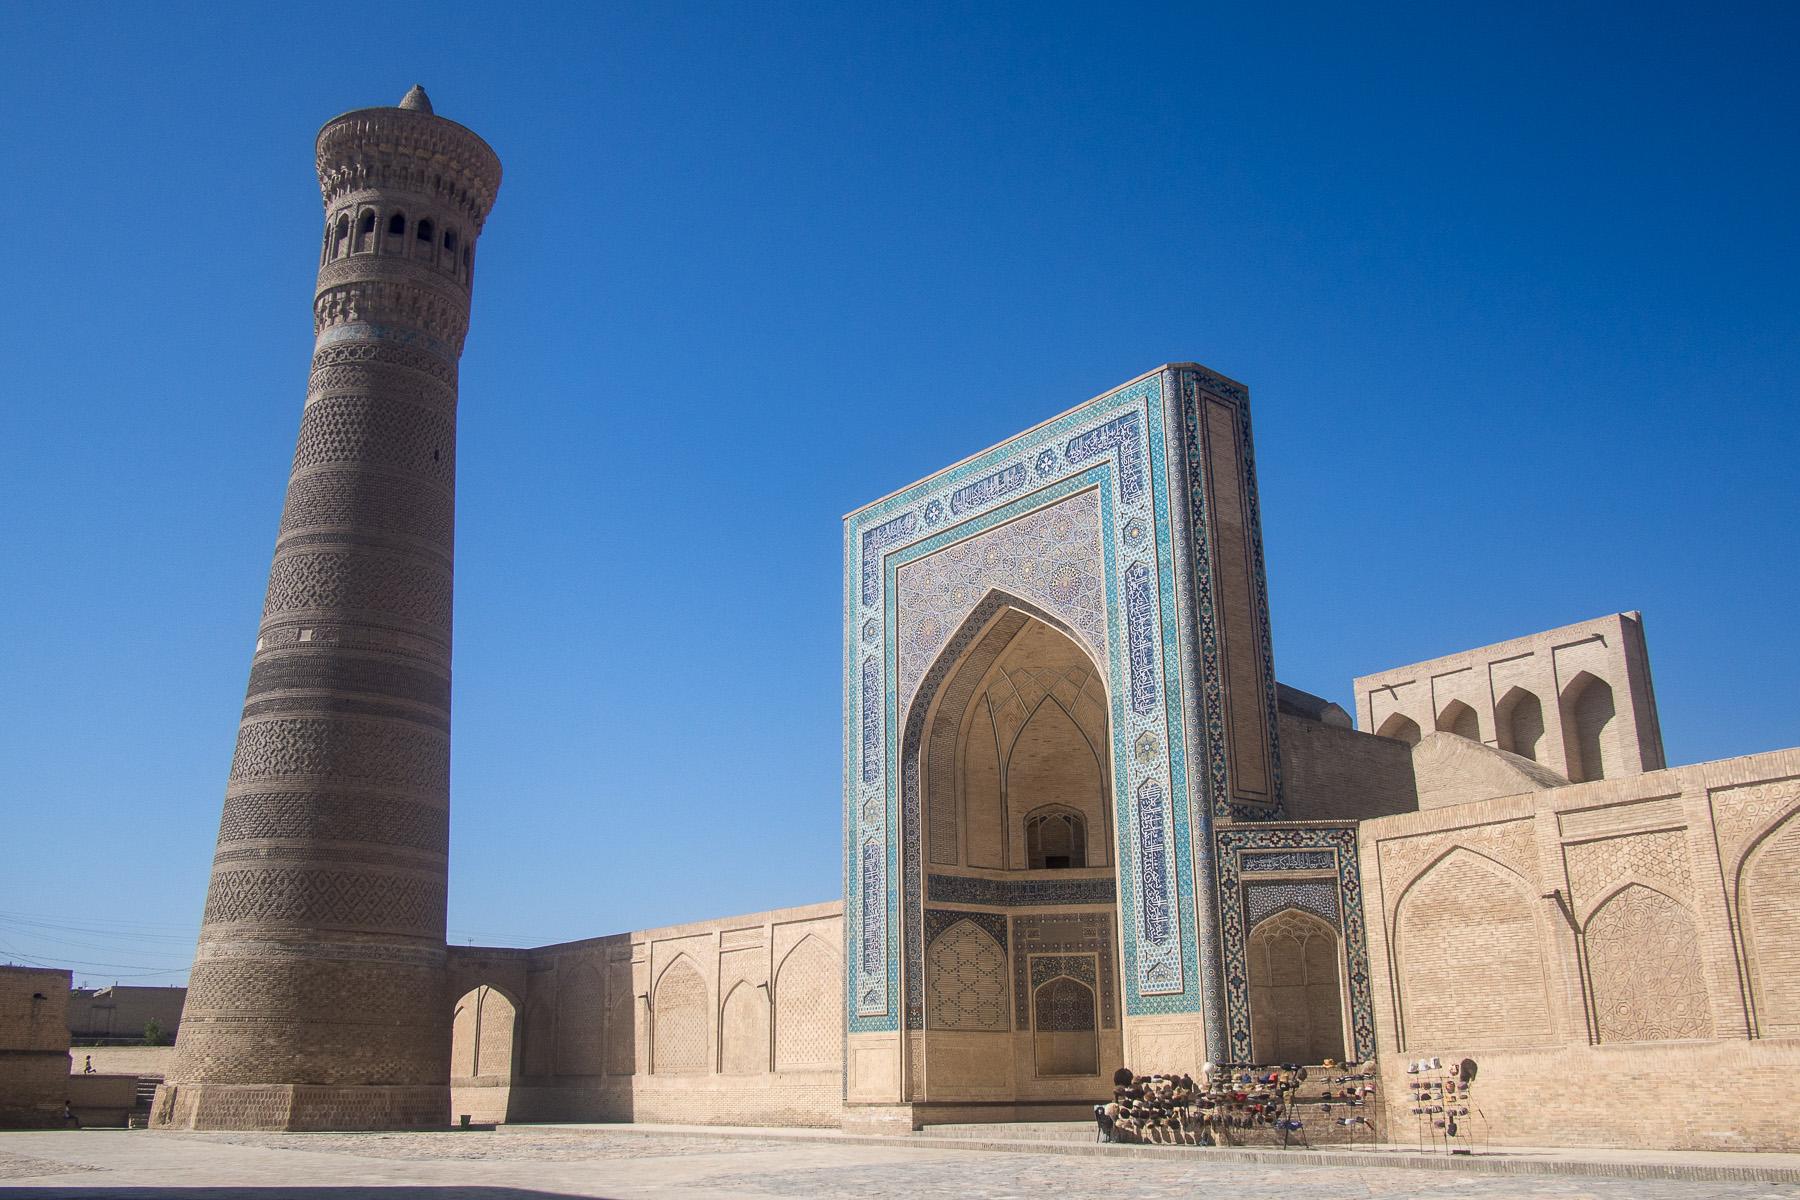 Circuit touristique en Ouzbékistan : la mosquée Kalon à Boukhara